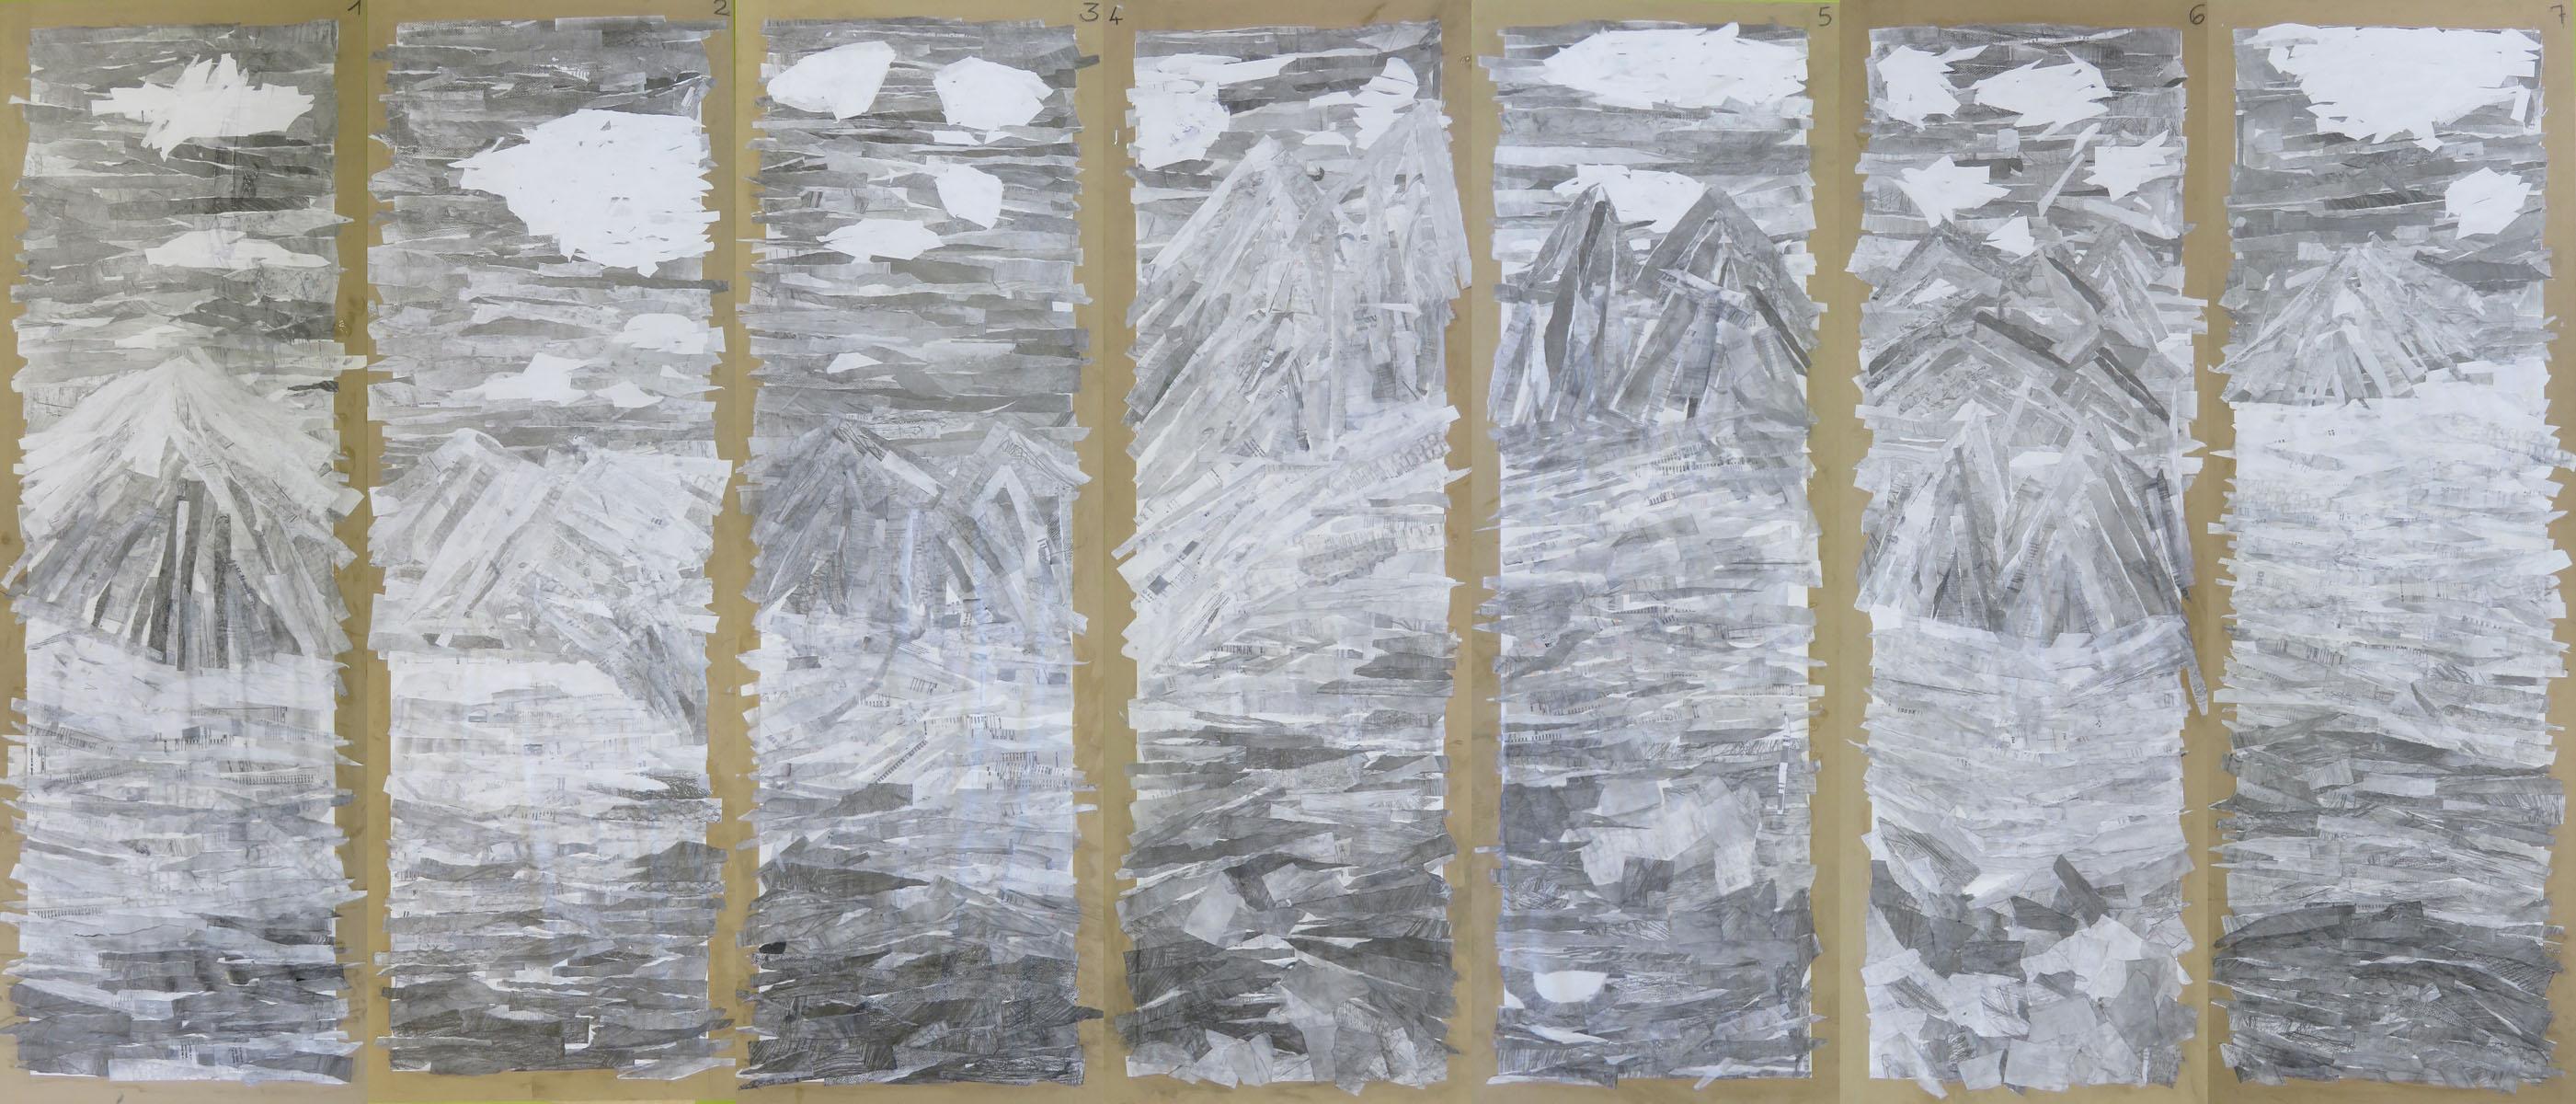 Paysage en camaïeu de gris